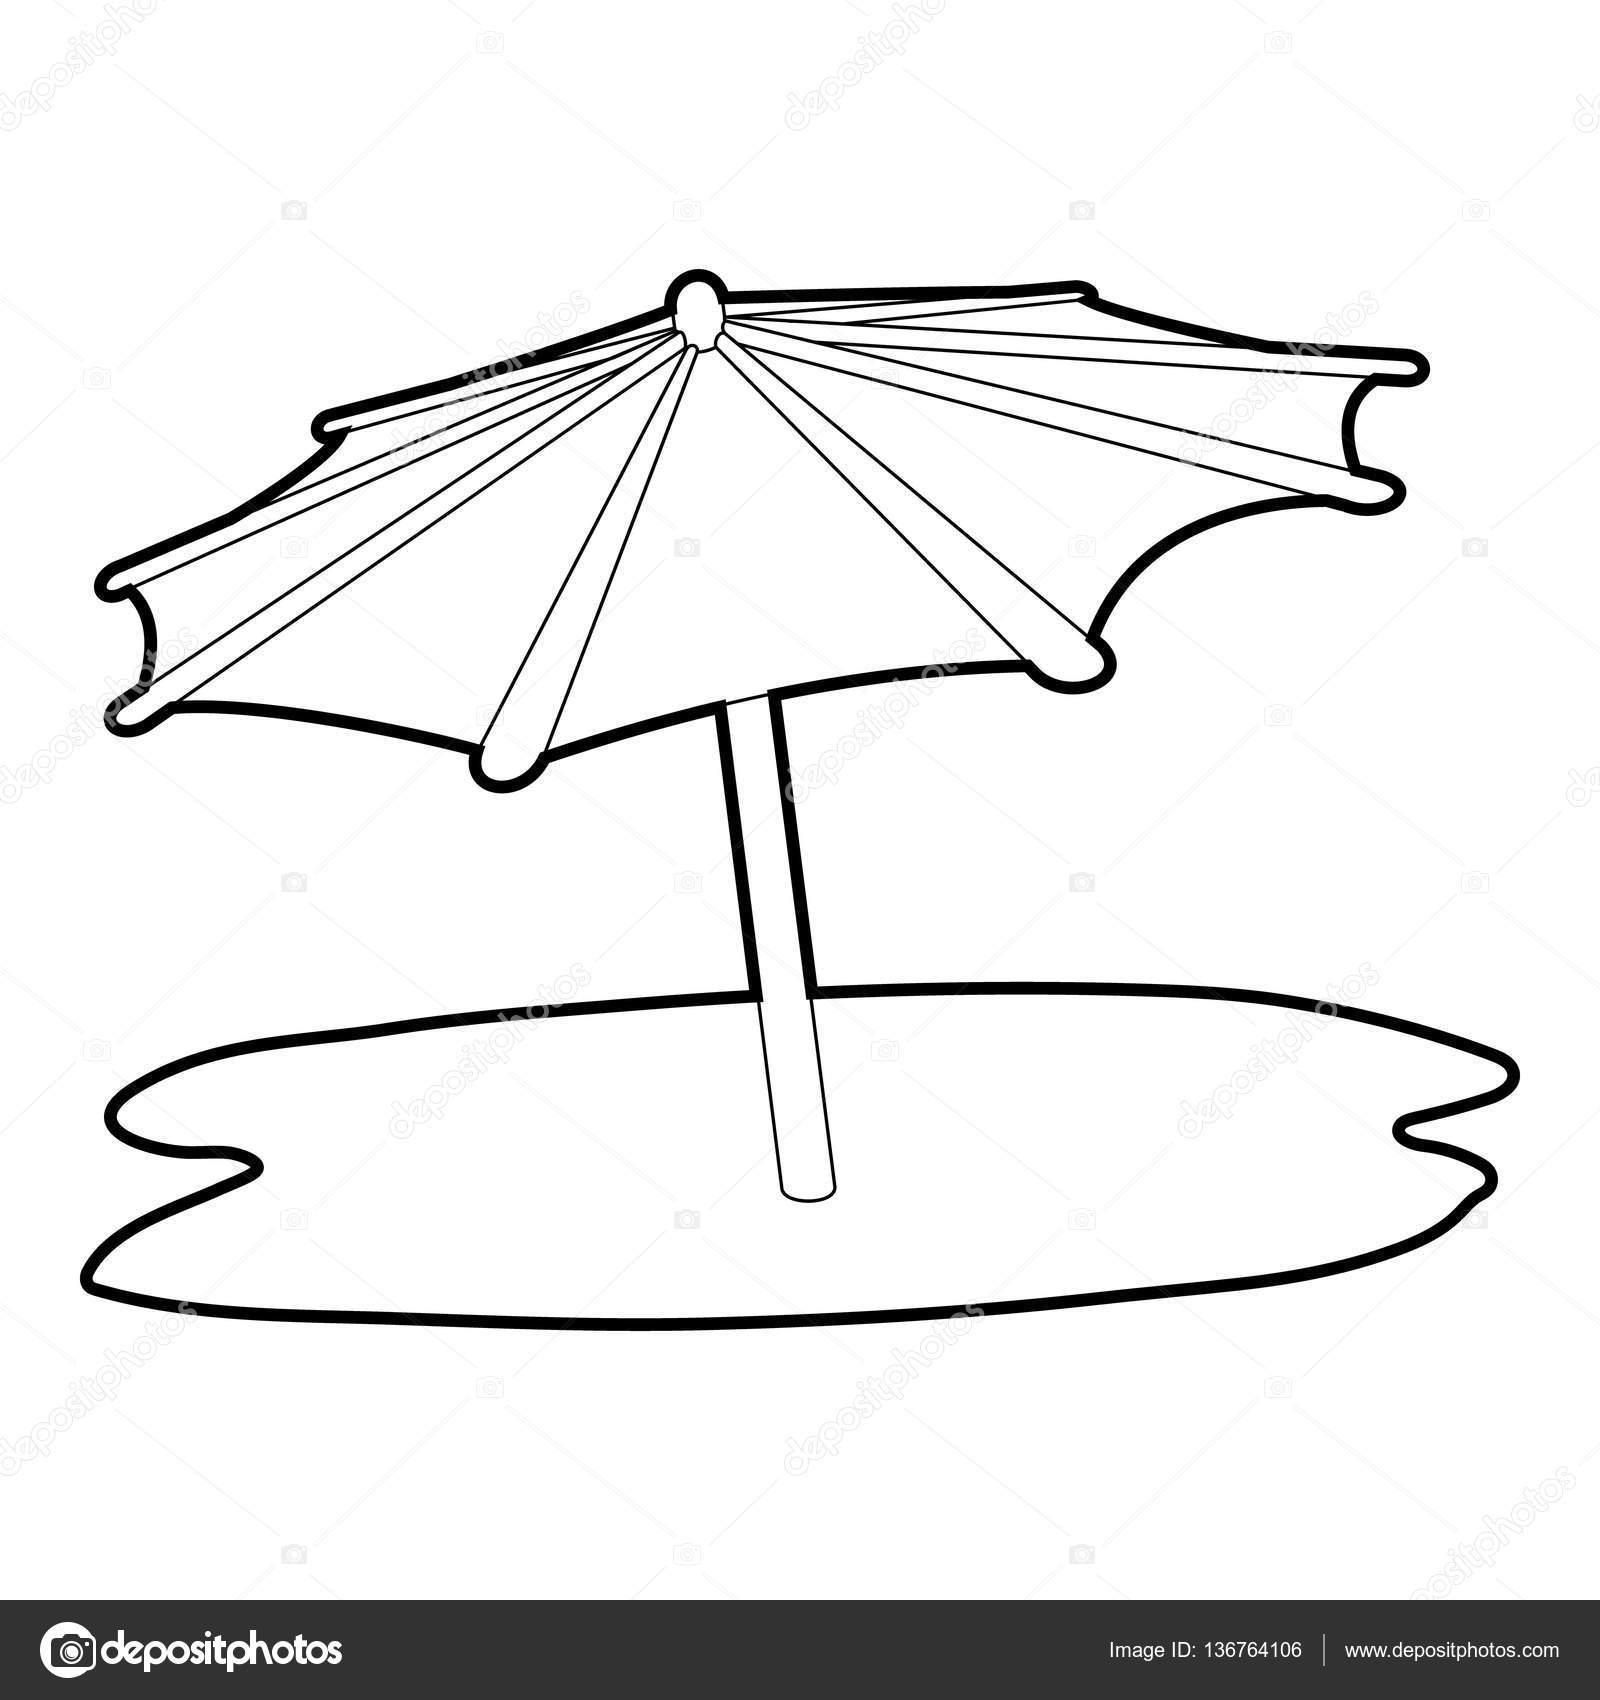 Icono de paraguas de playa, isométrica estilo 3d — Archivo Imágenes ...